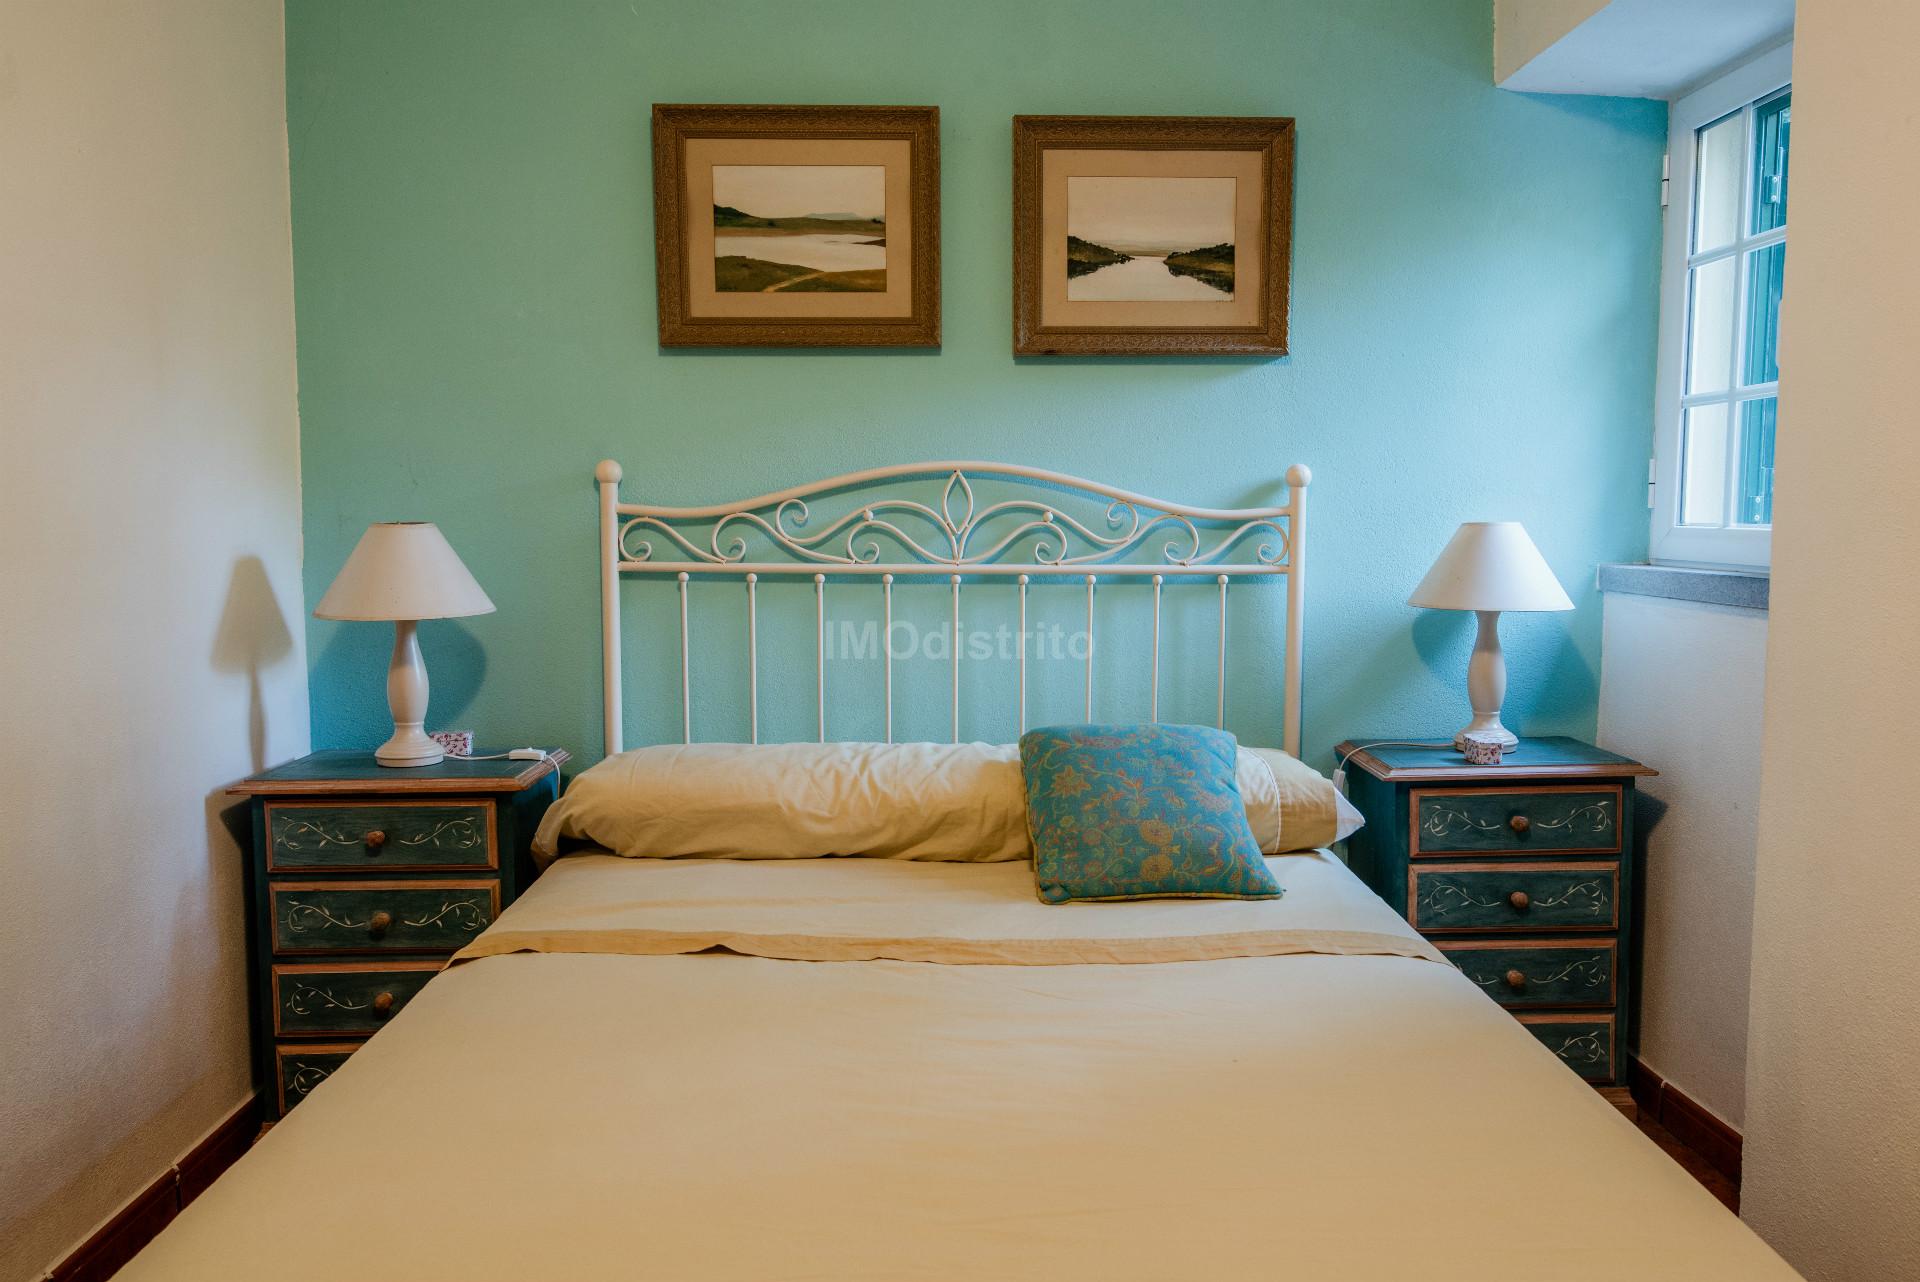 Landbesitz 3+1/2 Schlafzimmer